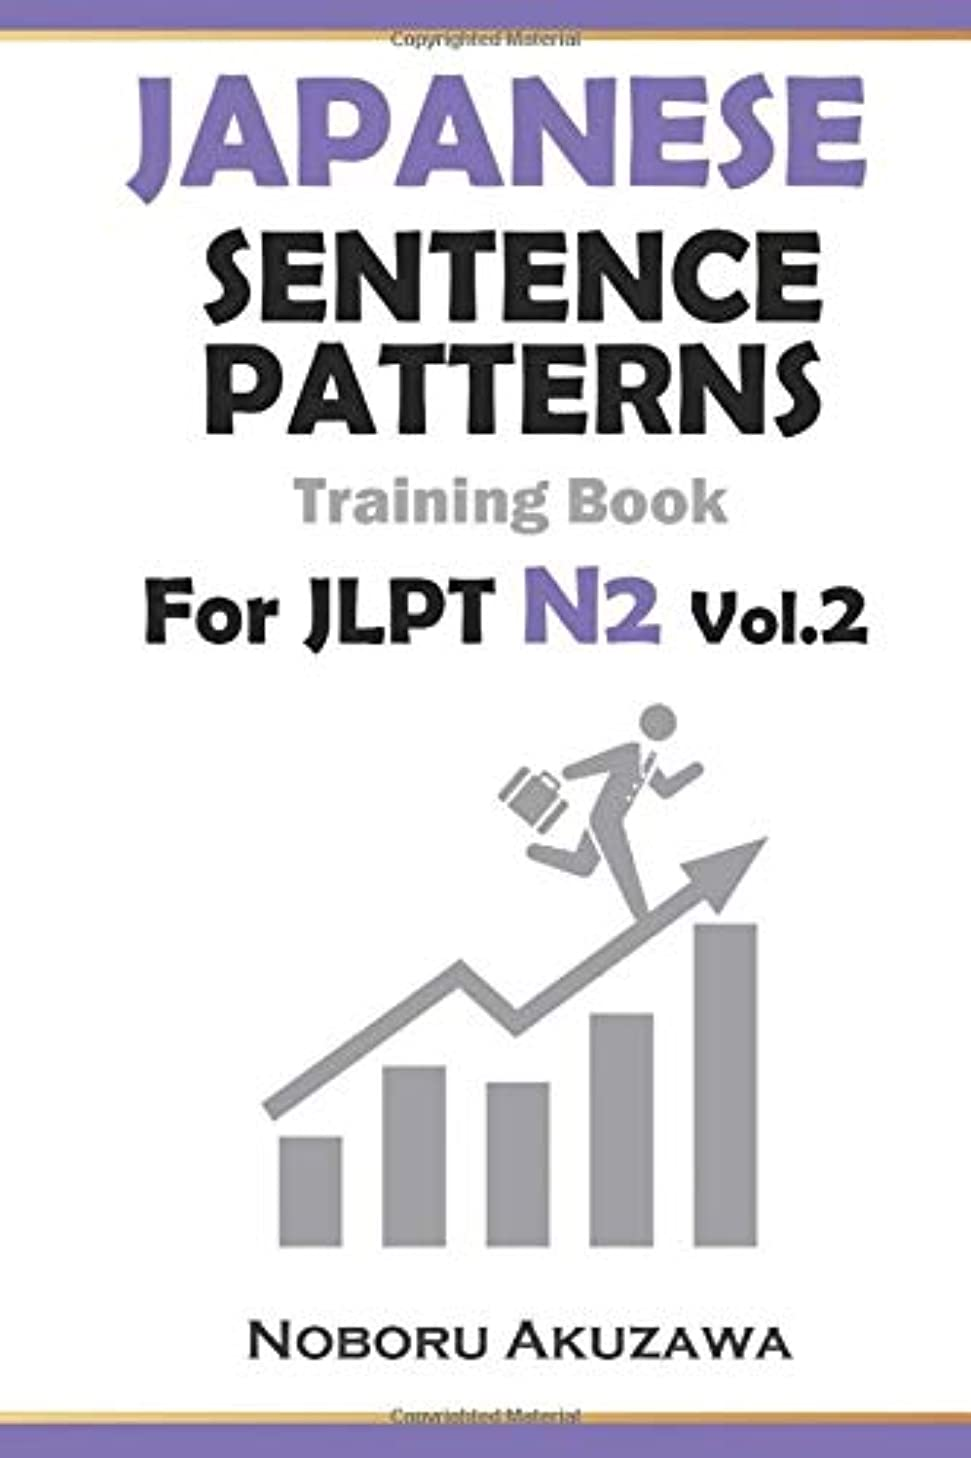 カスケードフェロー諸島できないJapanese Sentence Patterns for JLPT N2 : Training Book Vol.2 (Japanese Sentence Patterns Training Book)